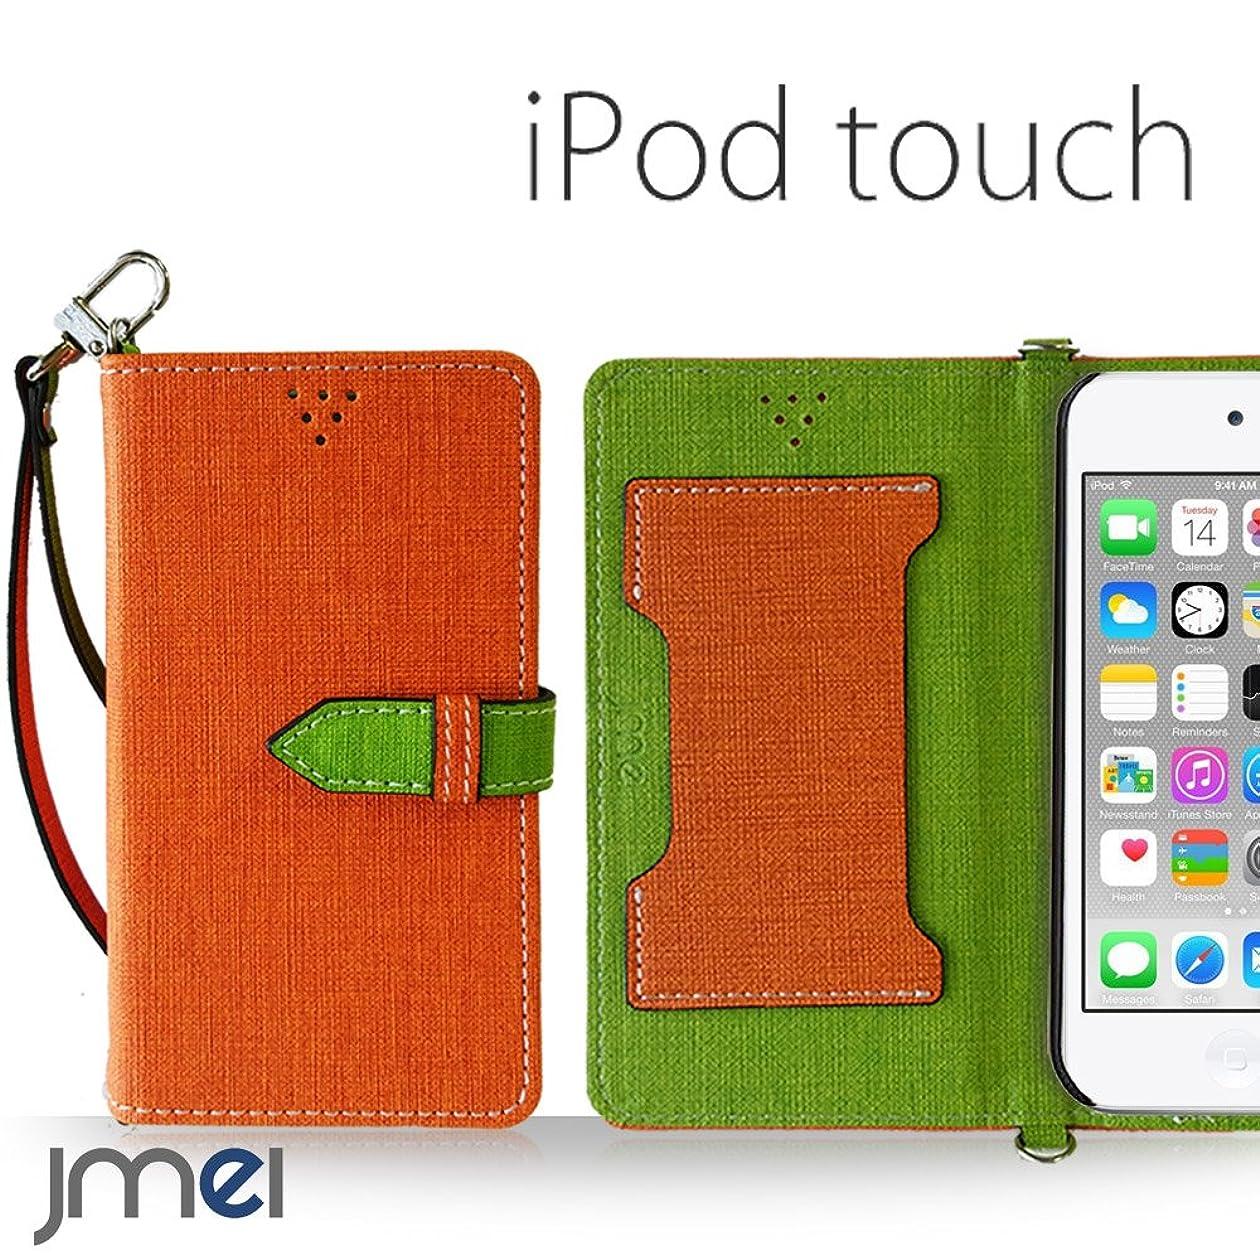 極地増幅器パラダイスiPod touch 6 5 ケース JMEIオリジナルカルネケース VESTA オレンジ アイポッド タッチ 第6世代 第5世代 スマホ カバー スマホケース 手帳型 ショルダー スリム スマートフォン